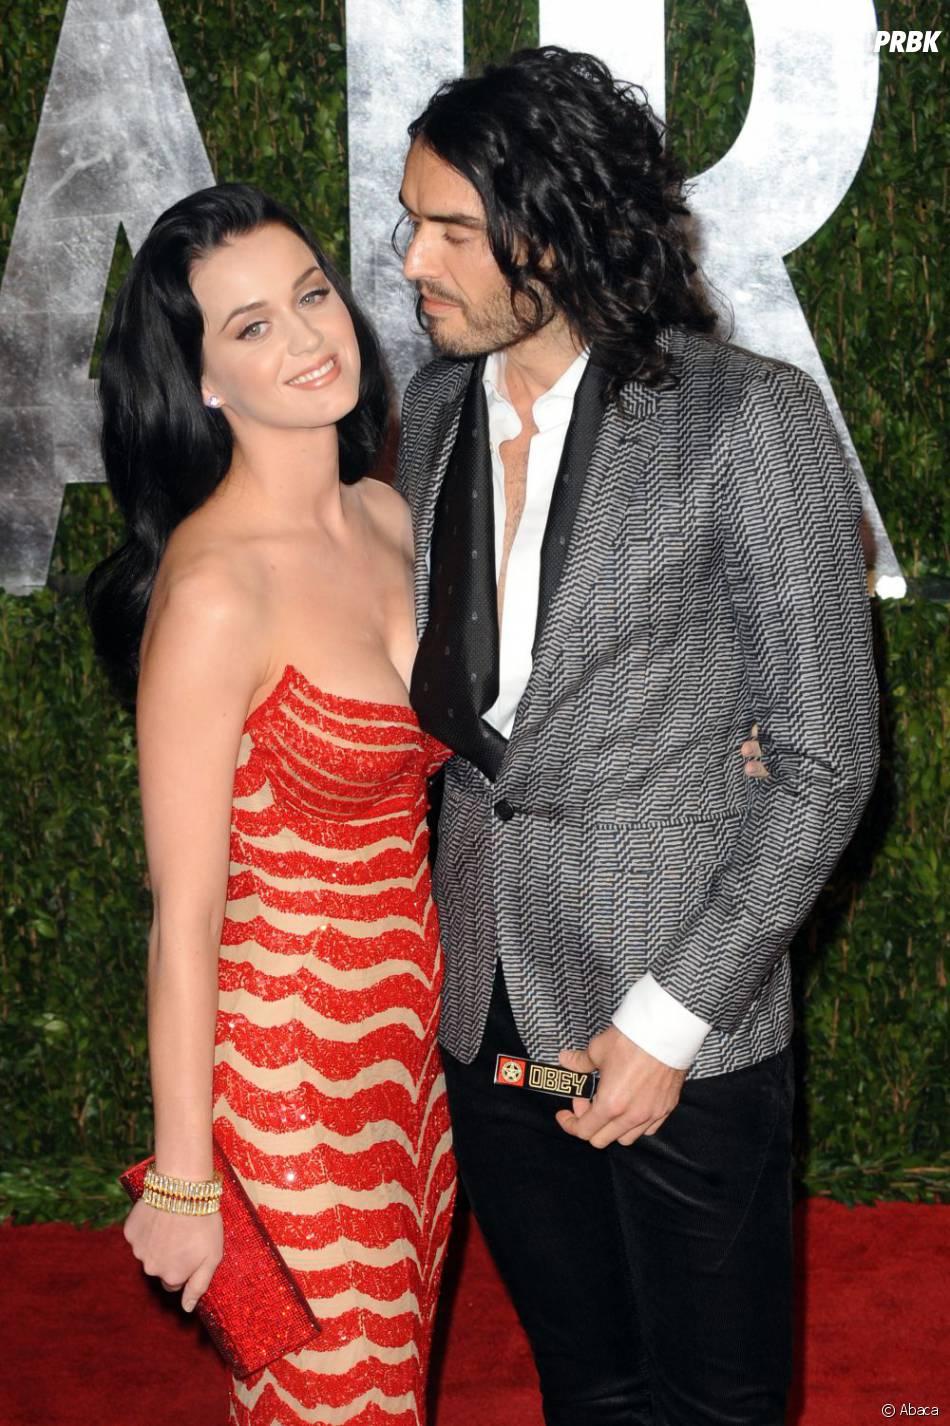 Depuis son divorce d'avec Russell Brand, Katy Perry est de plus en plus proche de Rihanna.